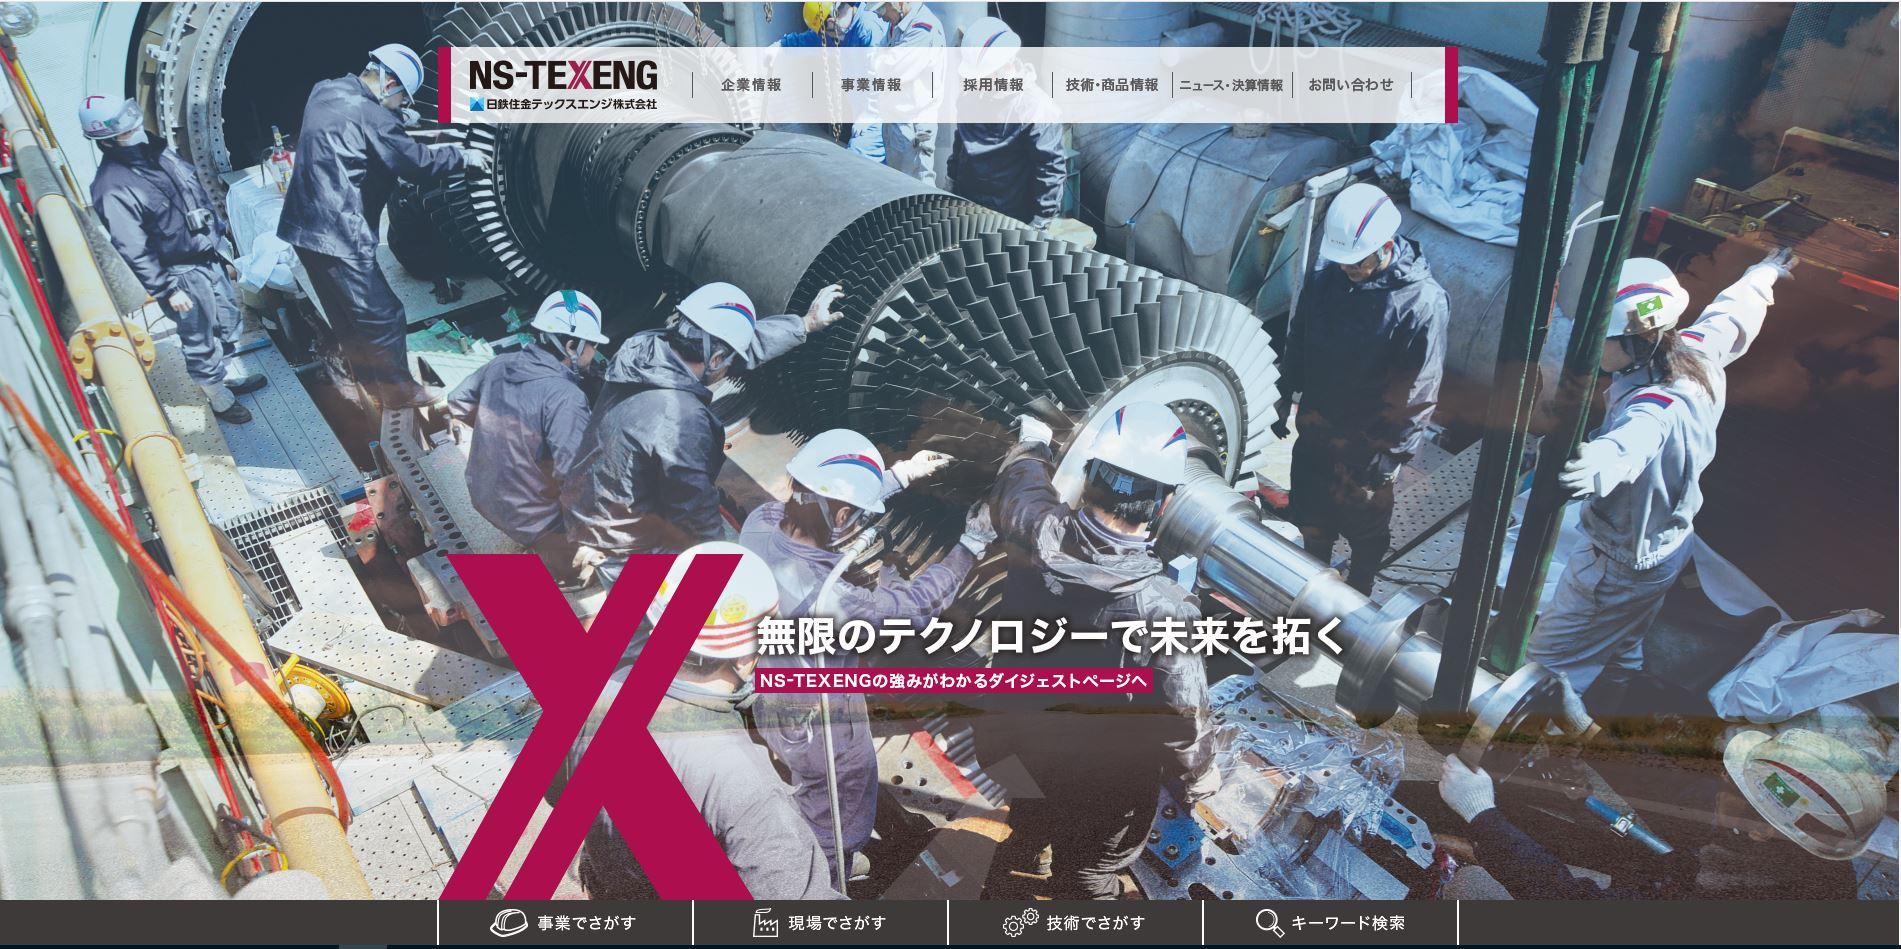 株式 日 鉄 テックス 会社 エンジ